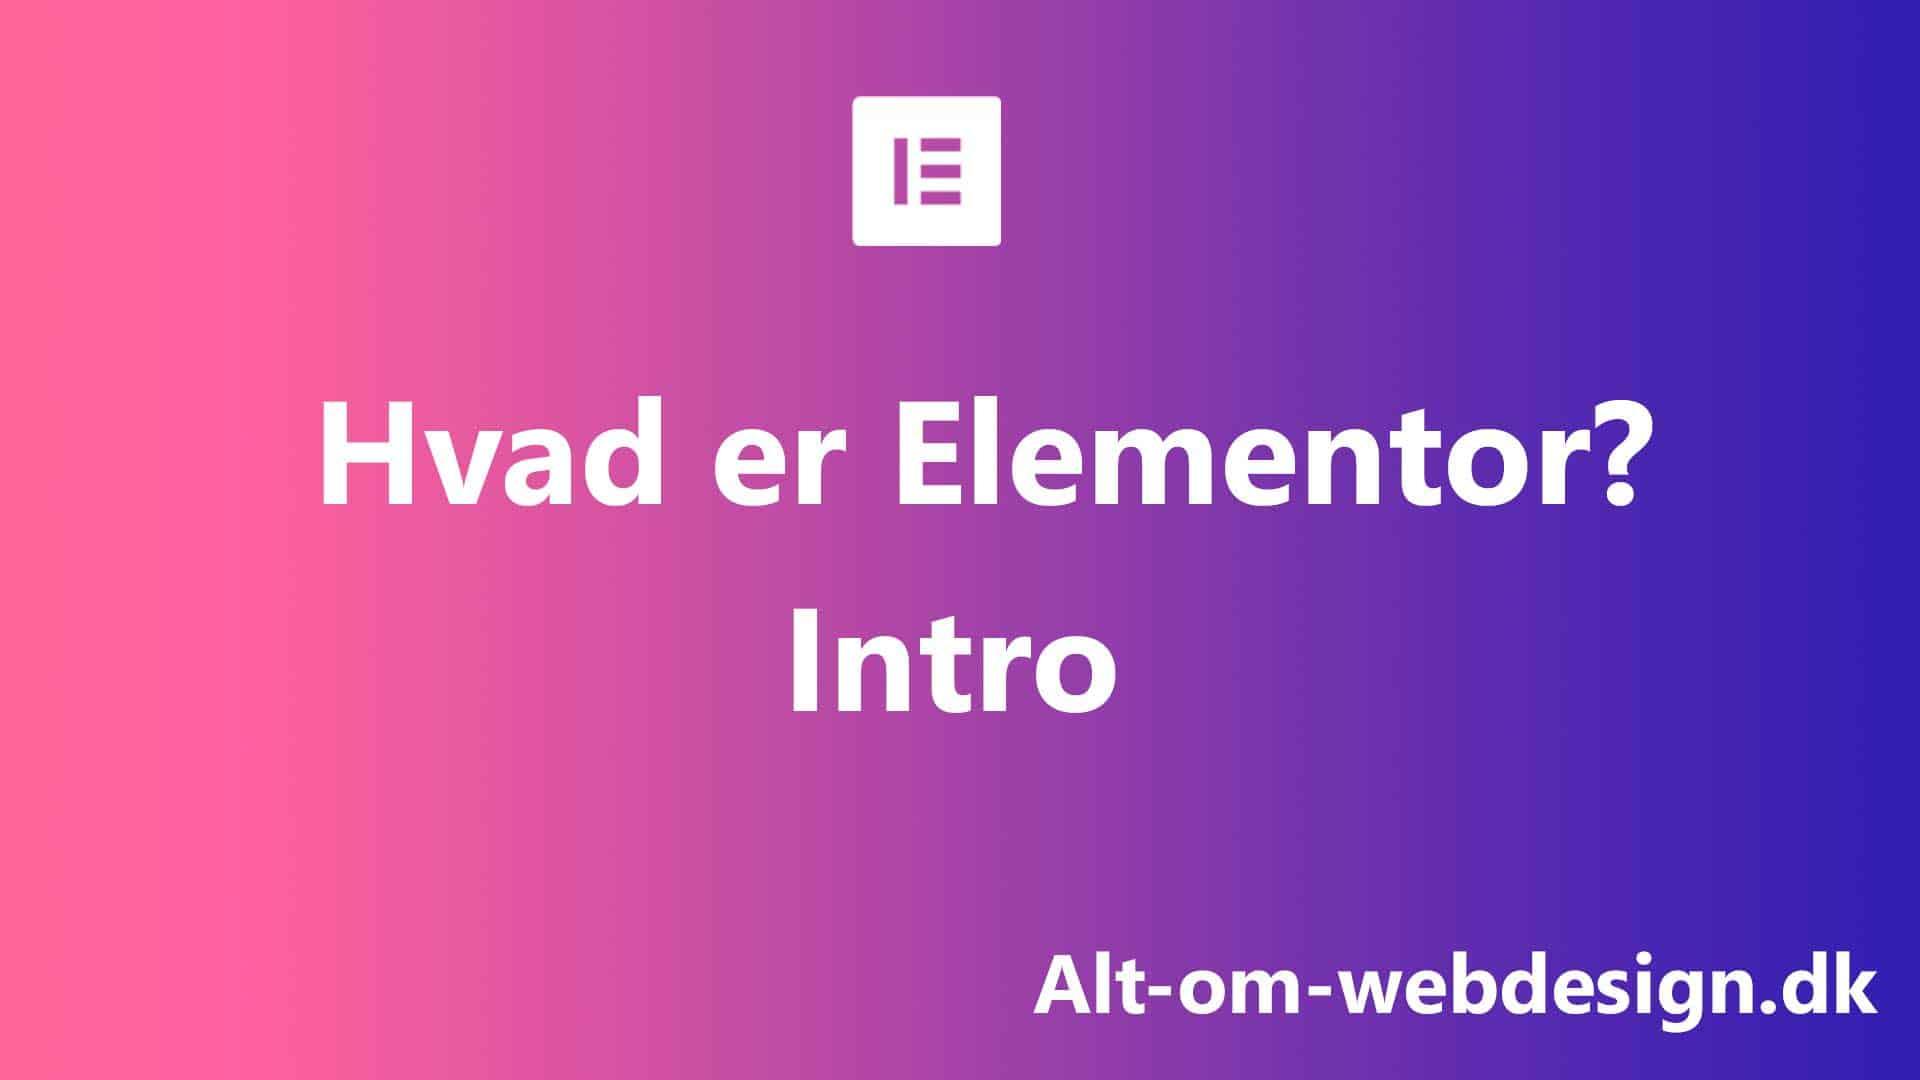 Hvad er Elementor?